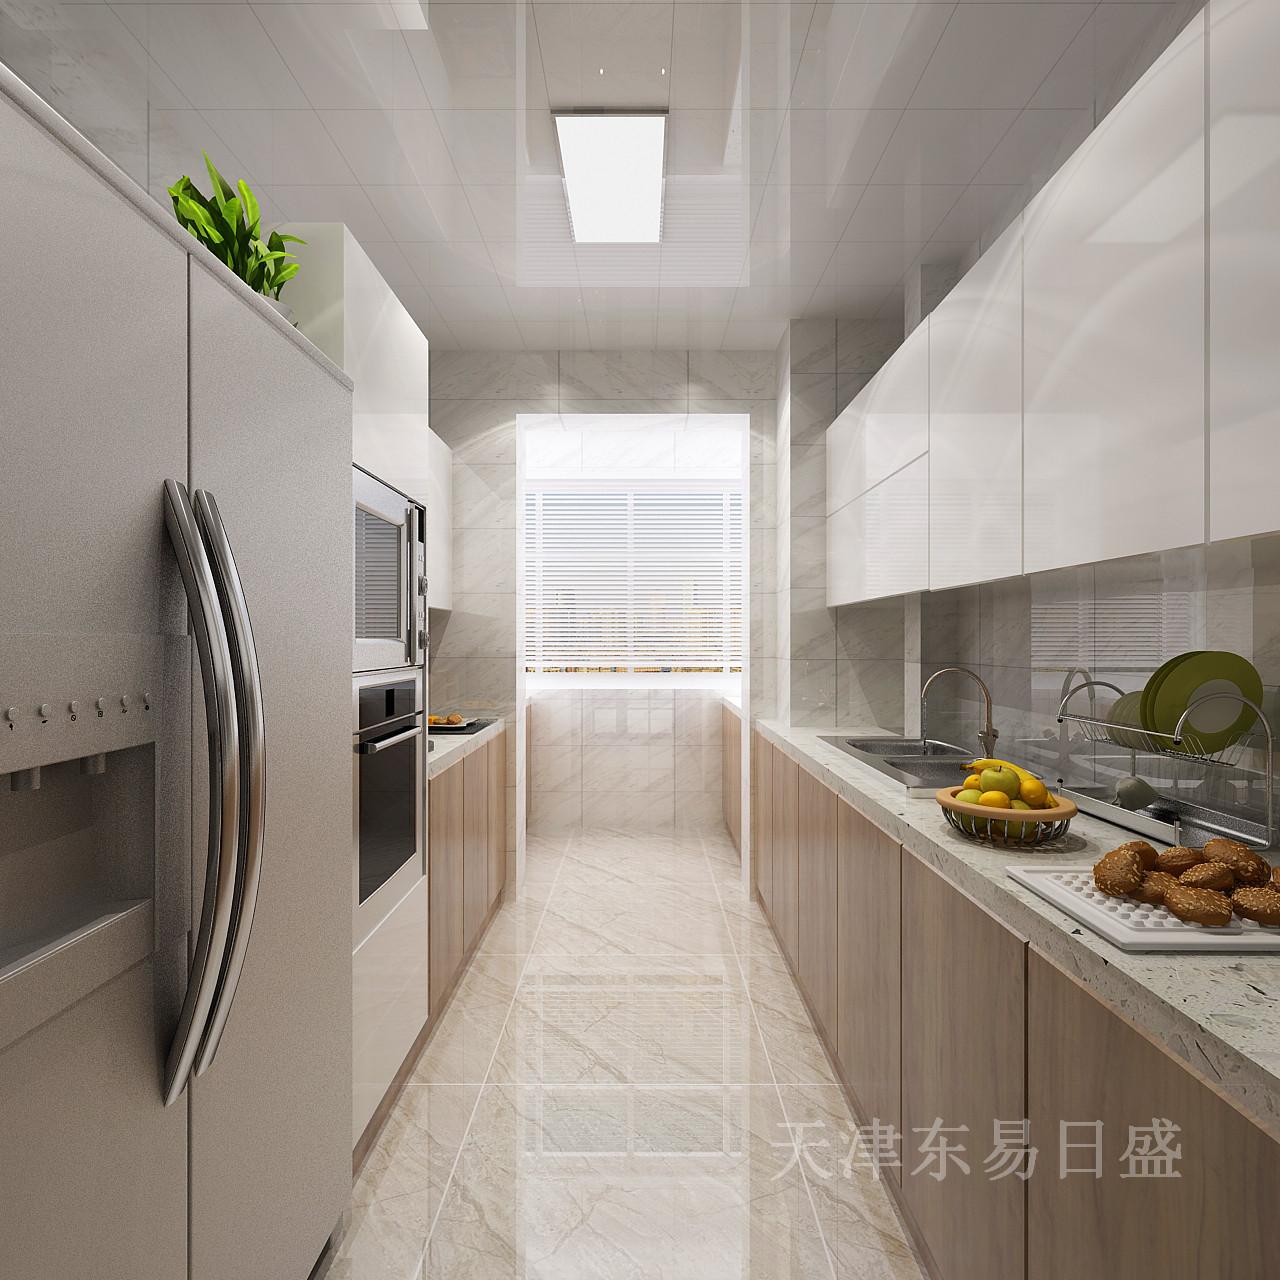 120平现代风格两室效果图,重视设计实施时的科学性与方便性